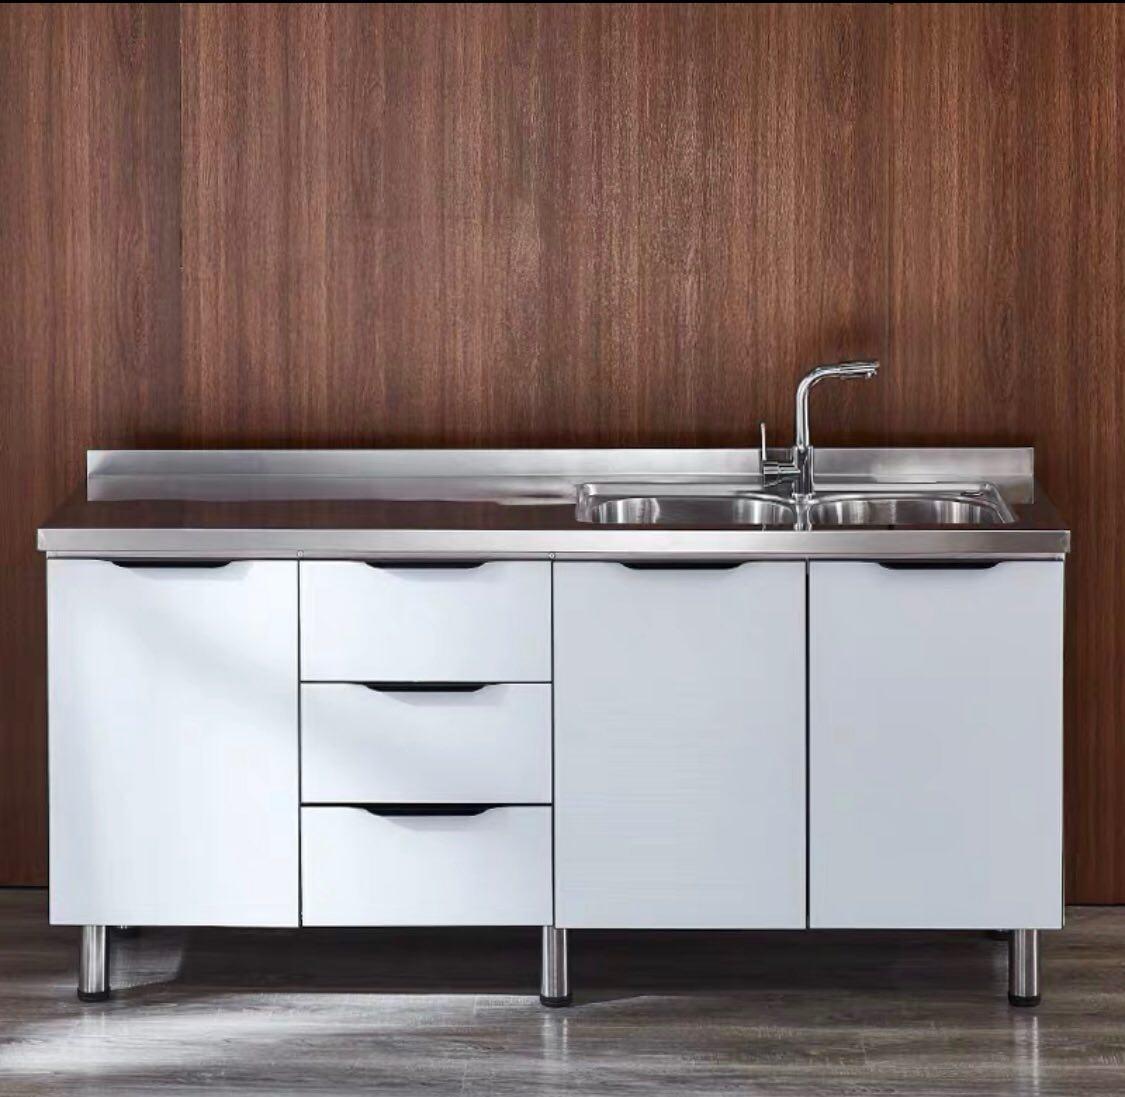 160cm Double Sink Tempered Glass Door Stainless Steel Top ...